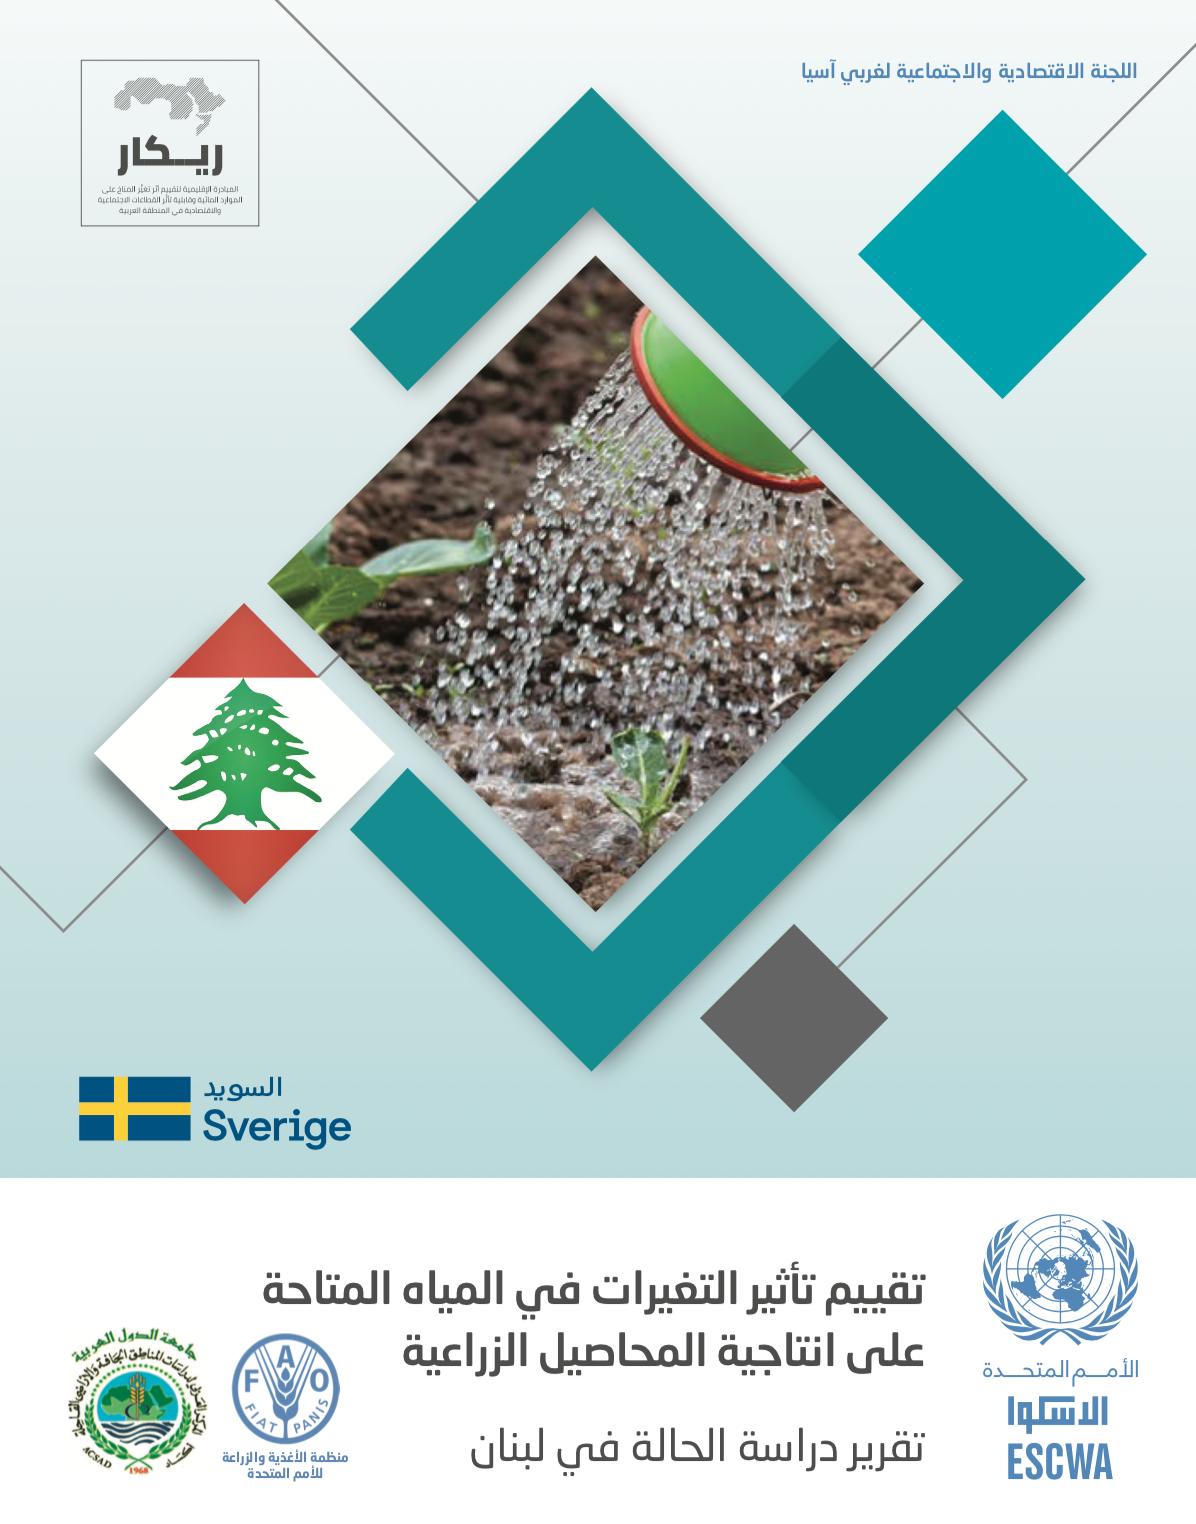 تقييم تأثير التغيرات في المياه المتاحة على انتاجية المحاصيل الزراعية في لبنان